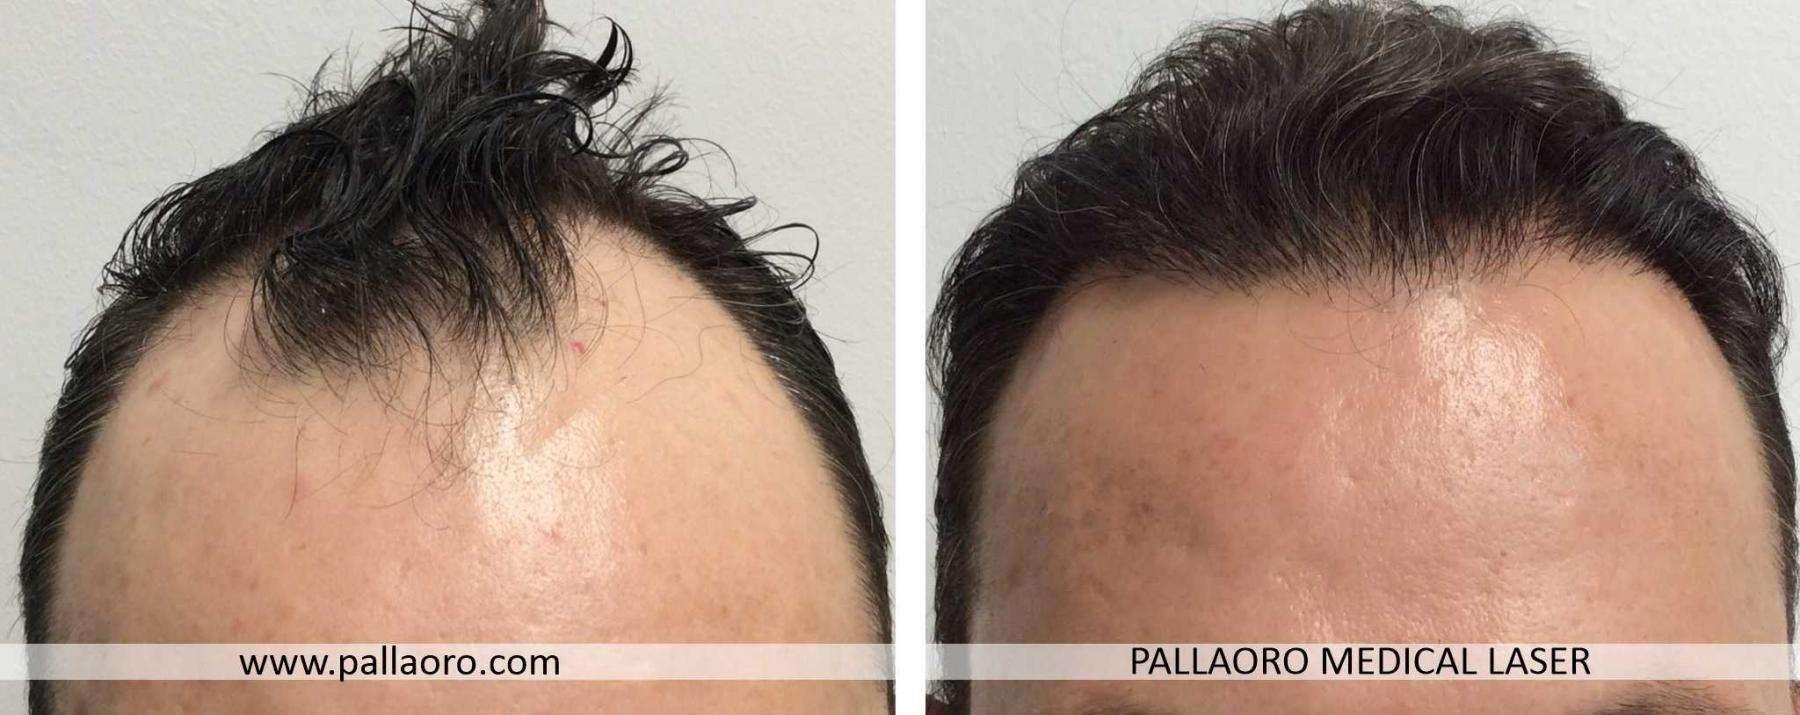 trapianto capelli 2021 03 a